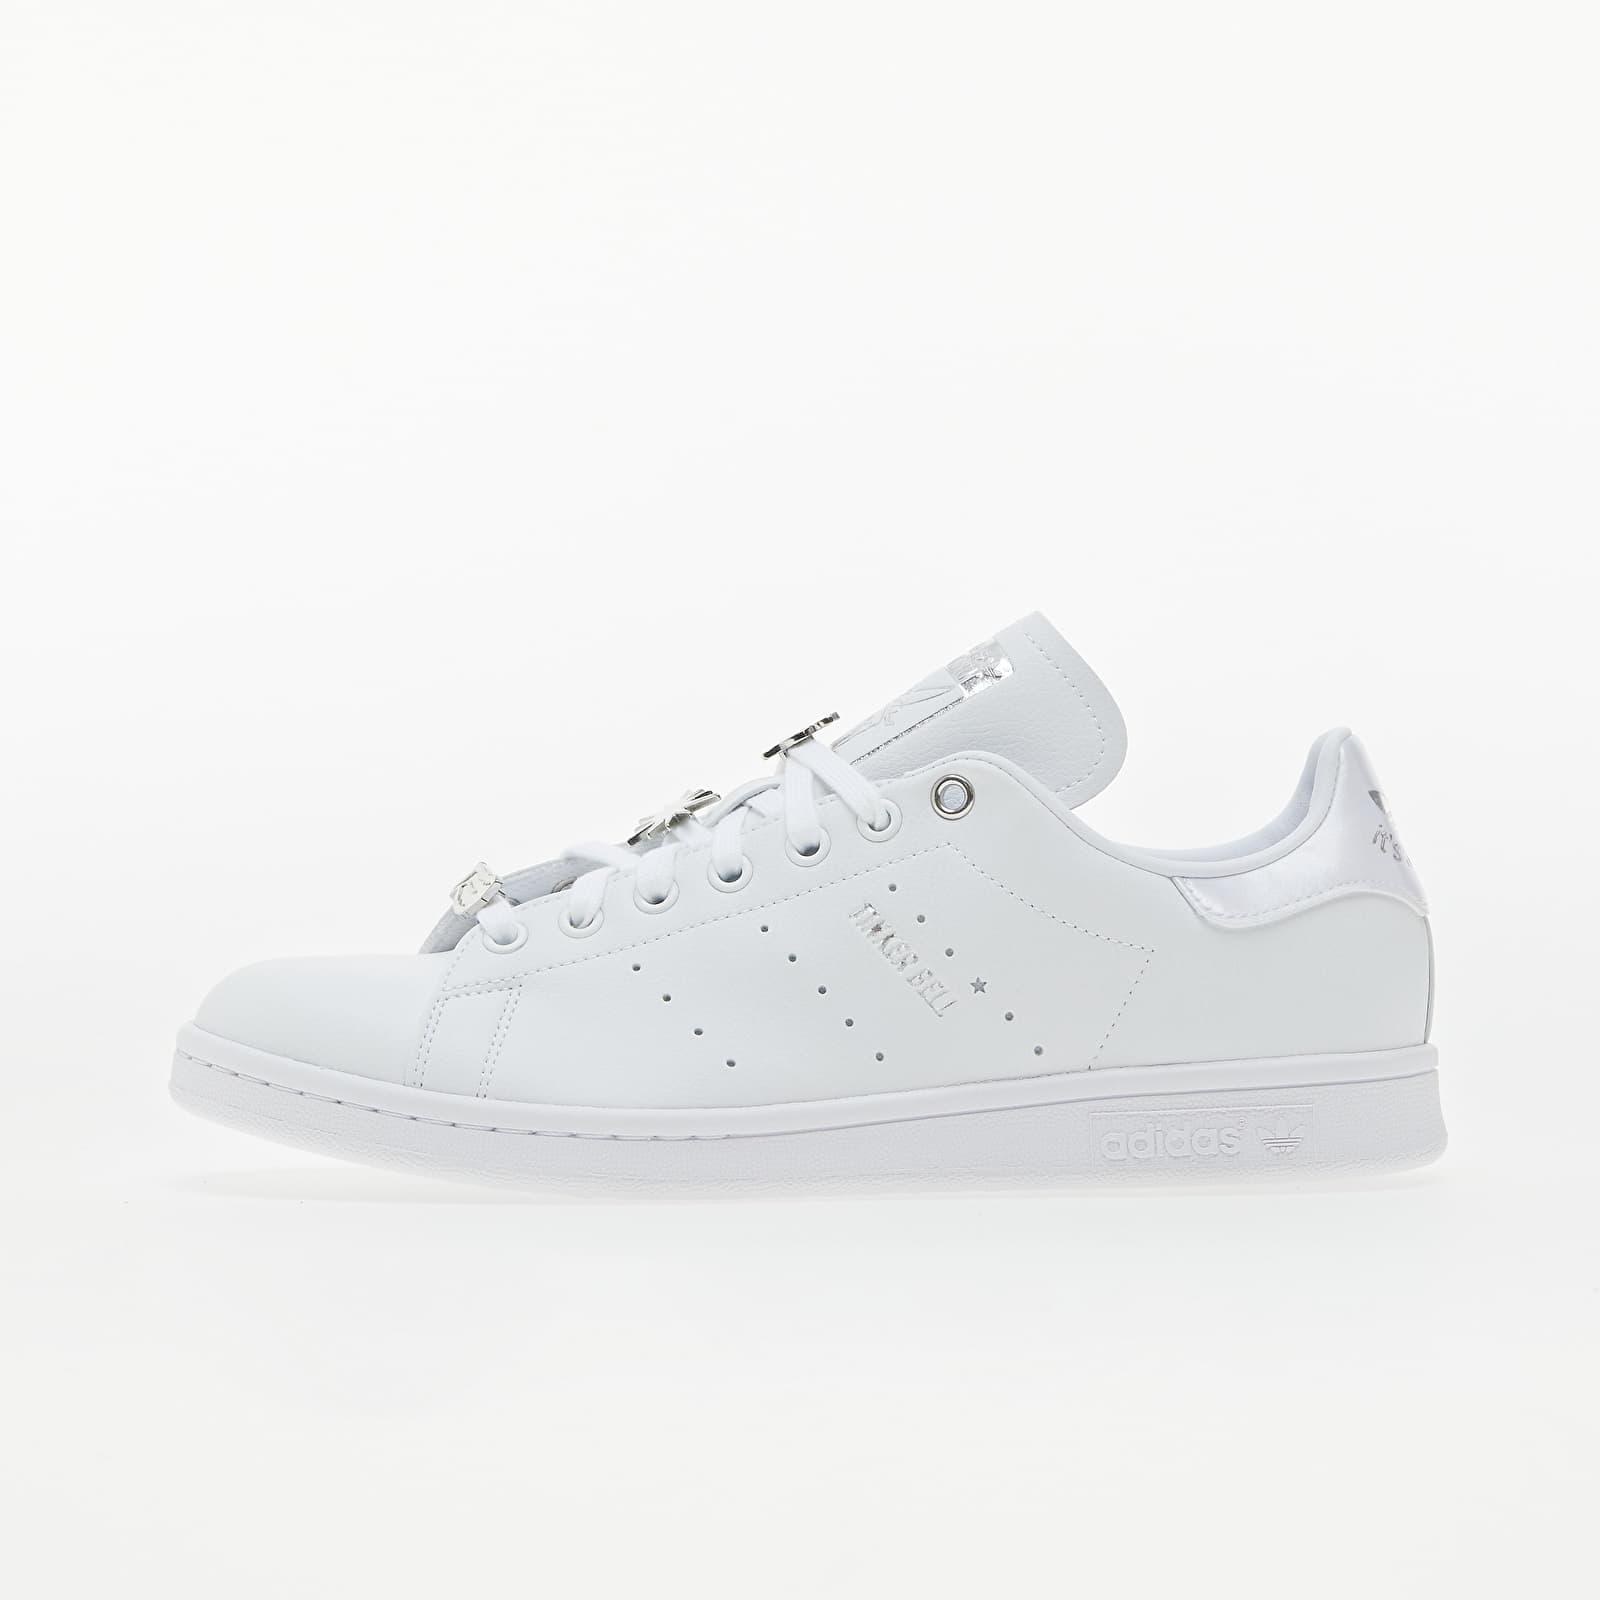 adidas Stan Smith Ftw White/ Silver Metallic/ Scarlet EUR 41 1/3